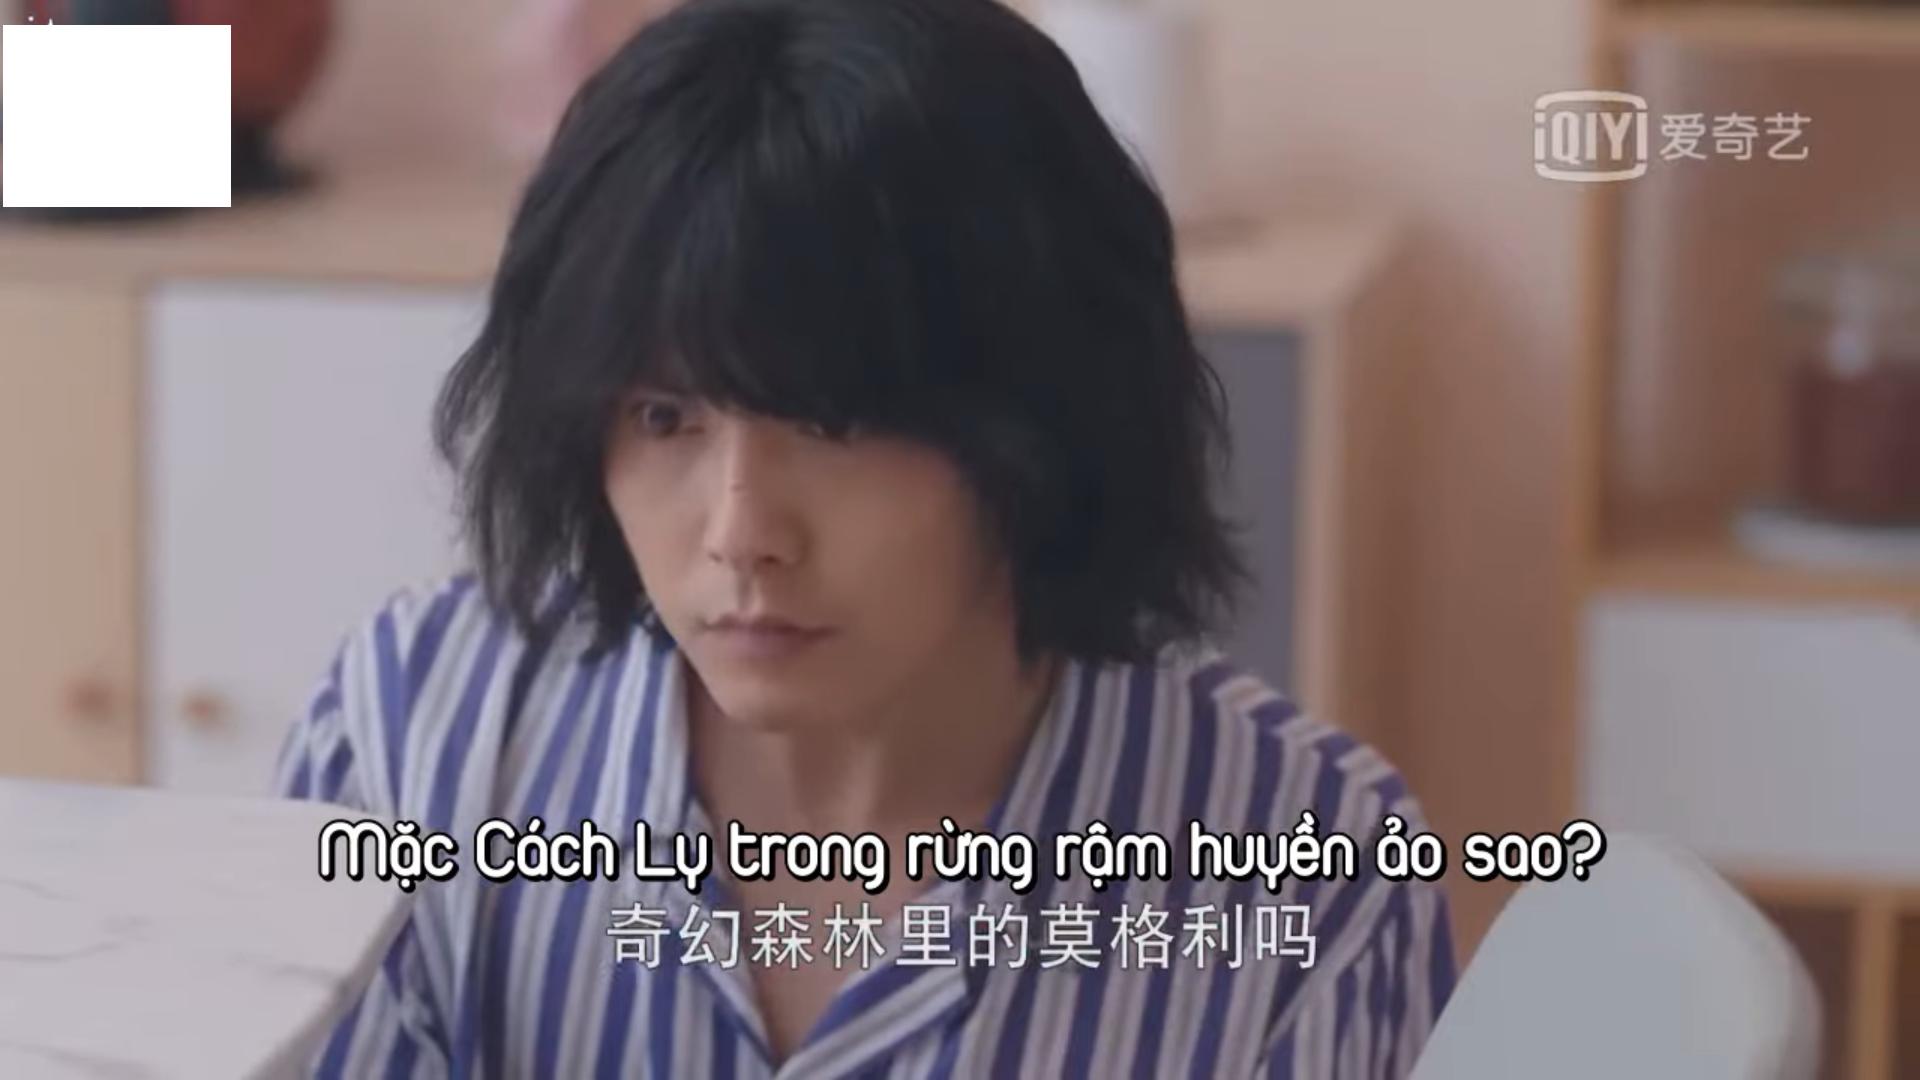 'Chàng trai Mặc Cách Ly của tôi' tung trailer hài hước, Dương Tử - Mã Thiên Vũ đẹp đôi 5